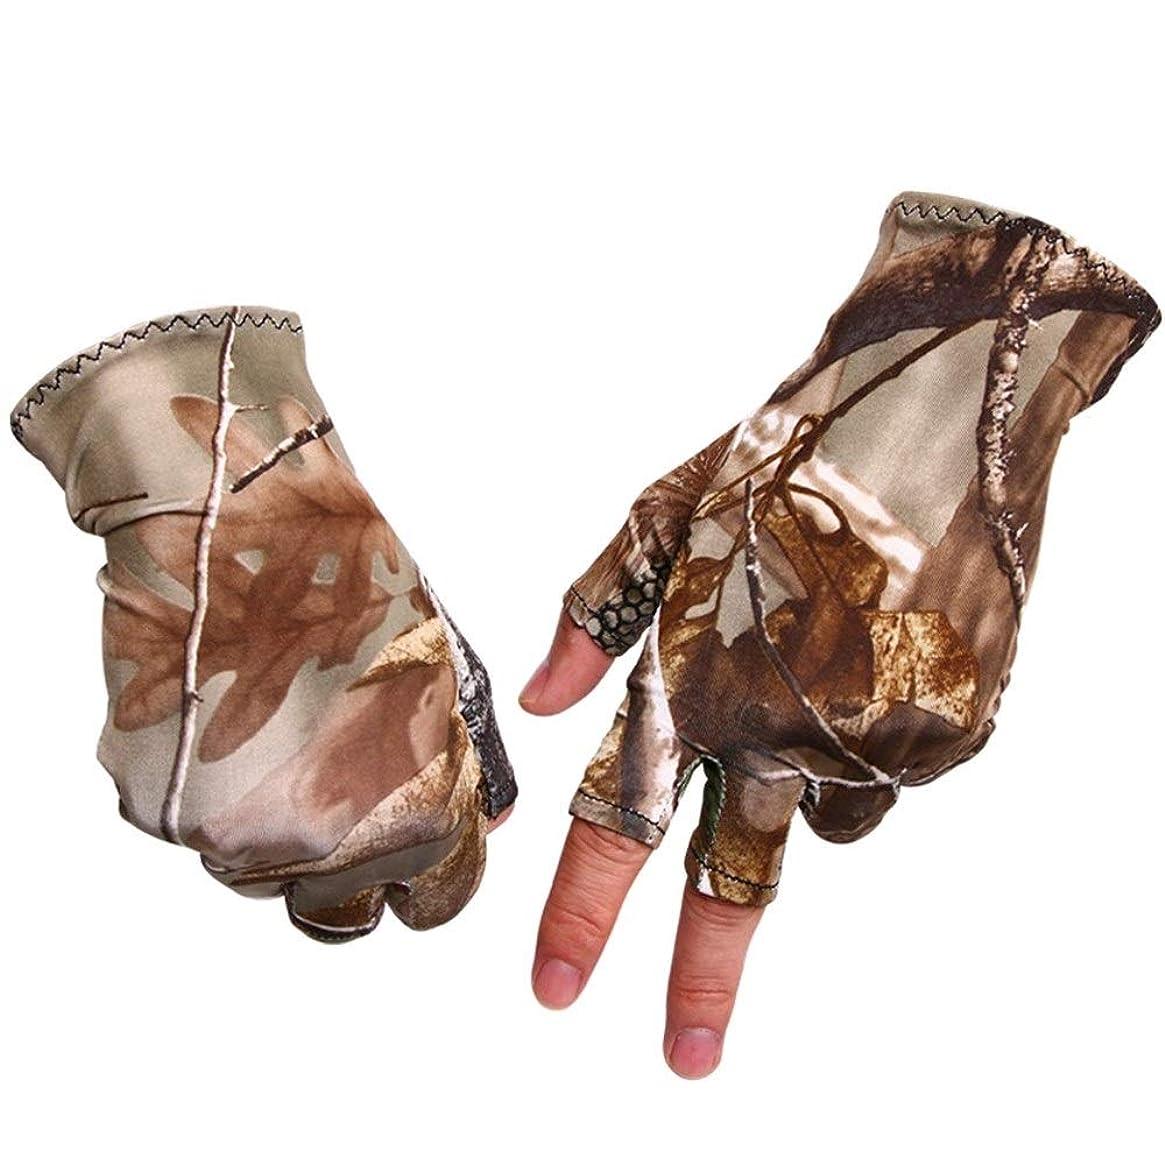 バッテリー調子ディスコMJZJP 釣り手袋滑り止めと通気性汗吸収3本指手袋屋外釣り手袋 (Color : Camouflage, Size : M)